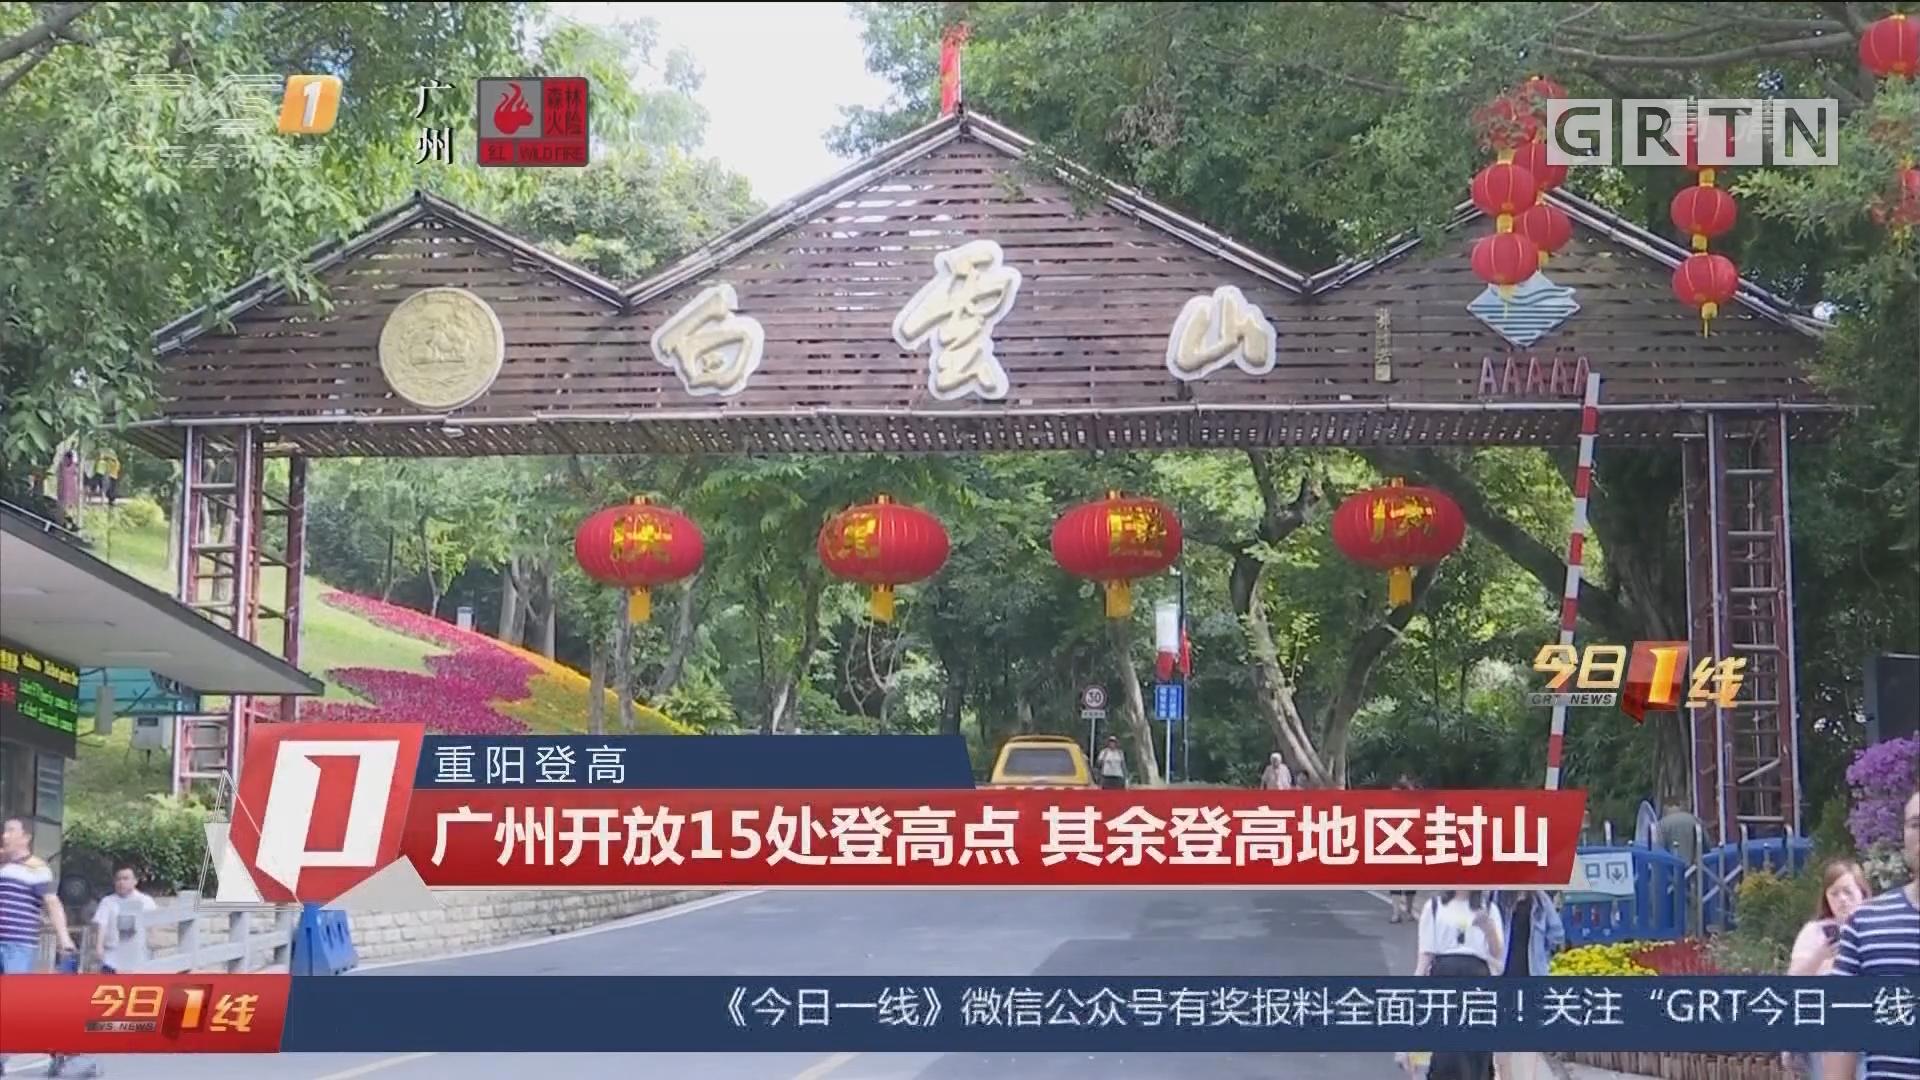 重阳登高:广州开放15处登高点 其余登高地区封山